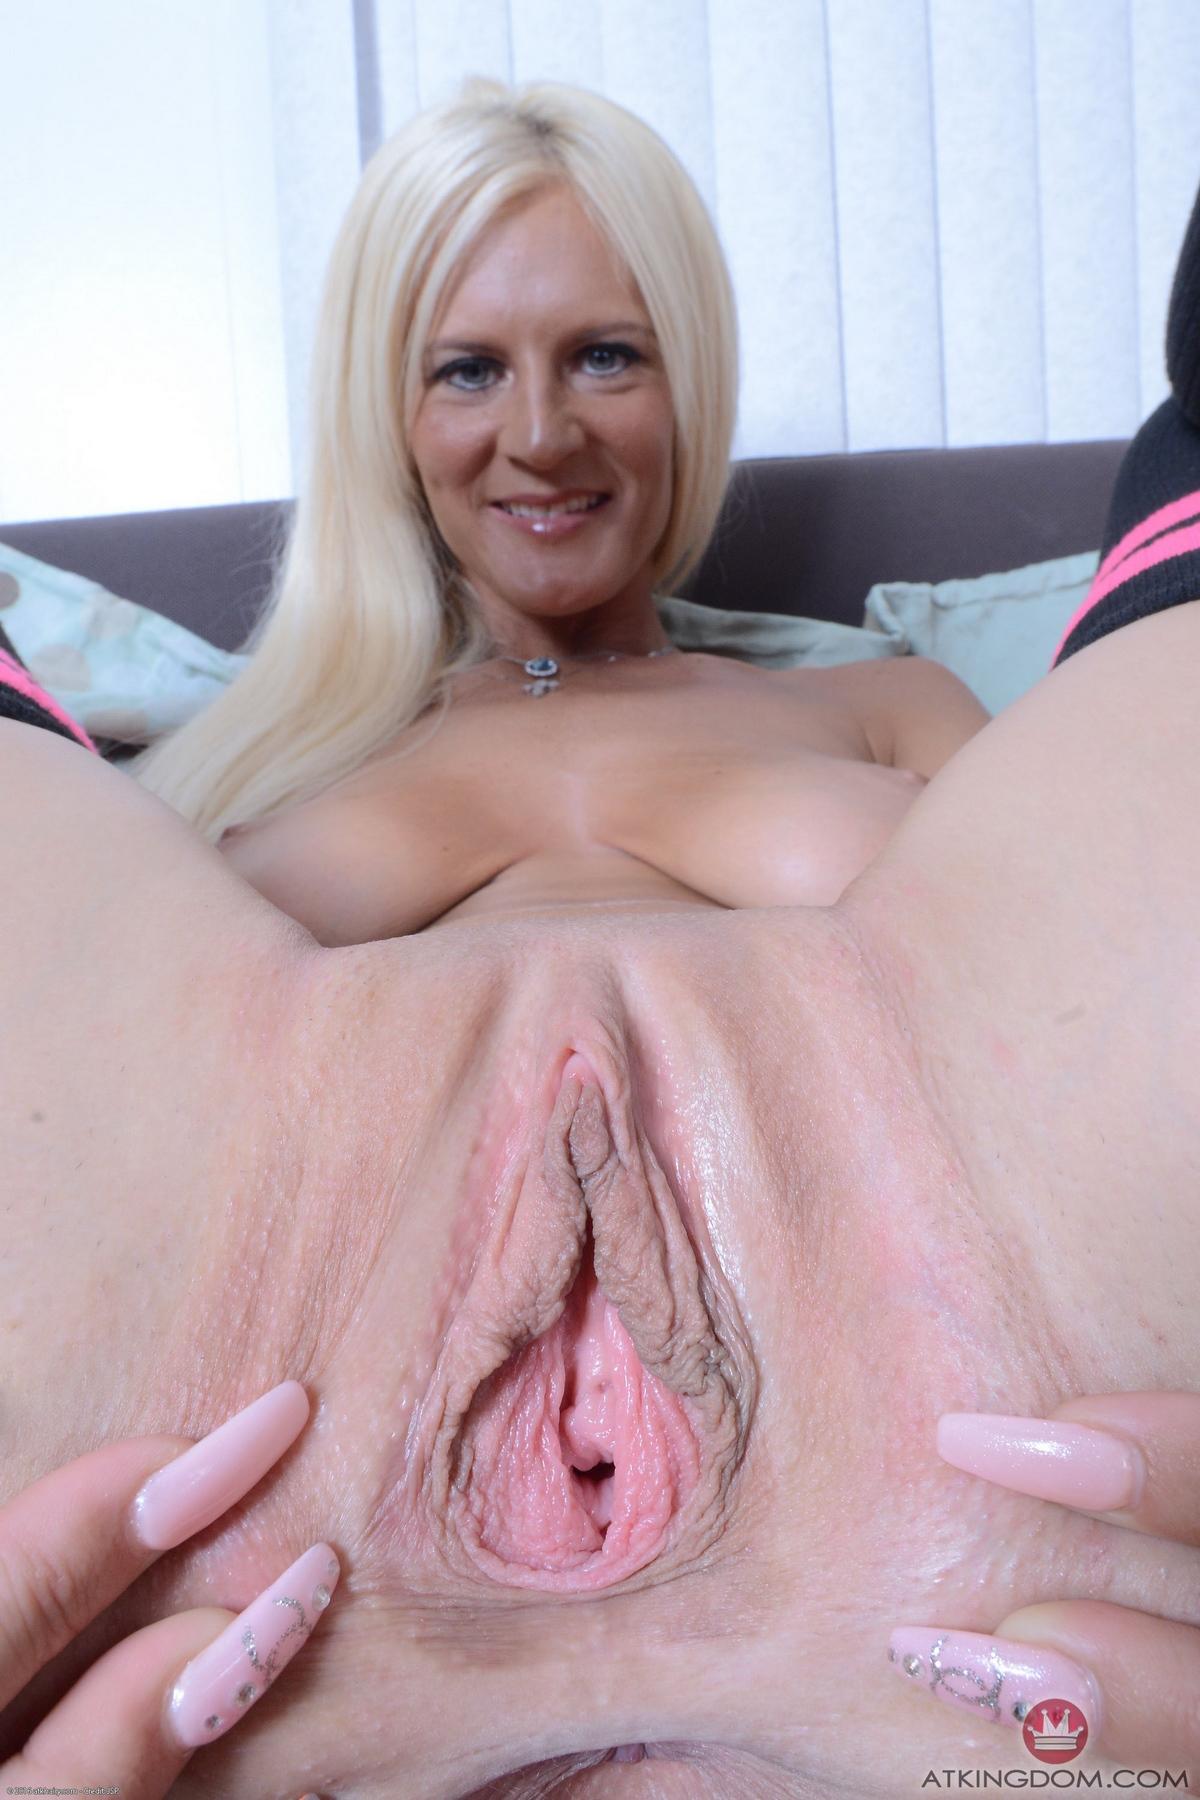 Возрастная тетка показывает вагину секс фото